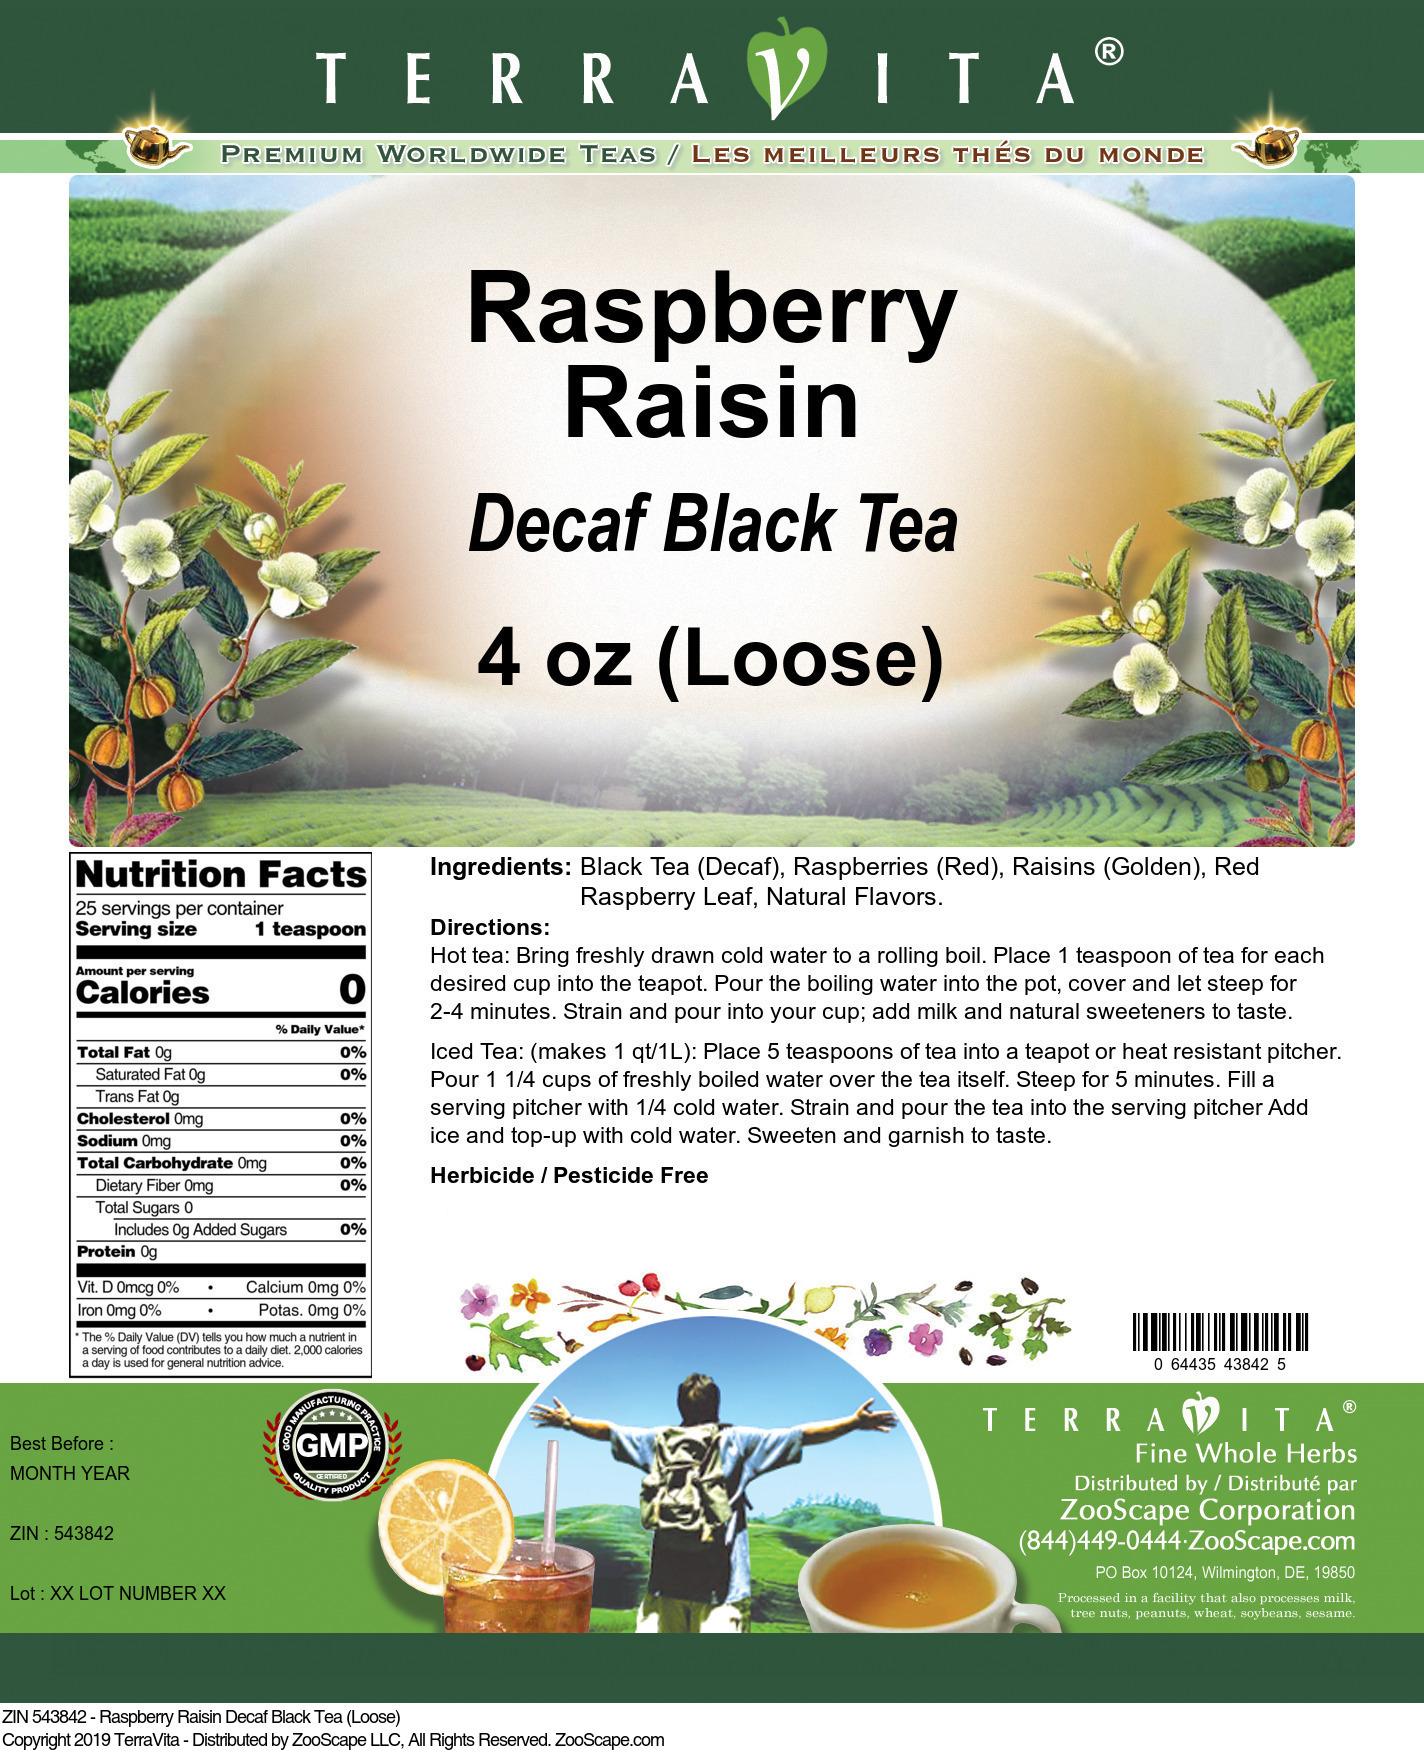 Raspberry Raisin Decaf Black Tea